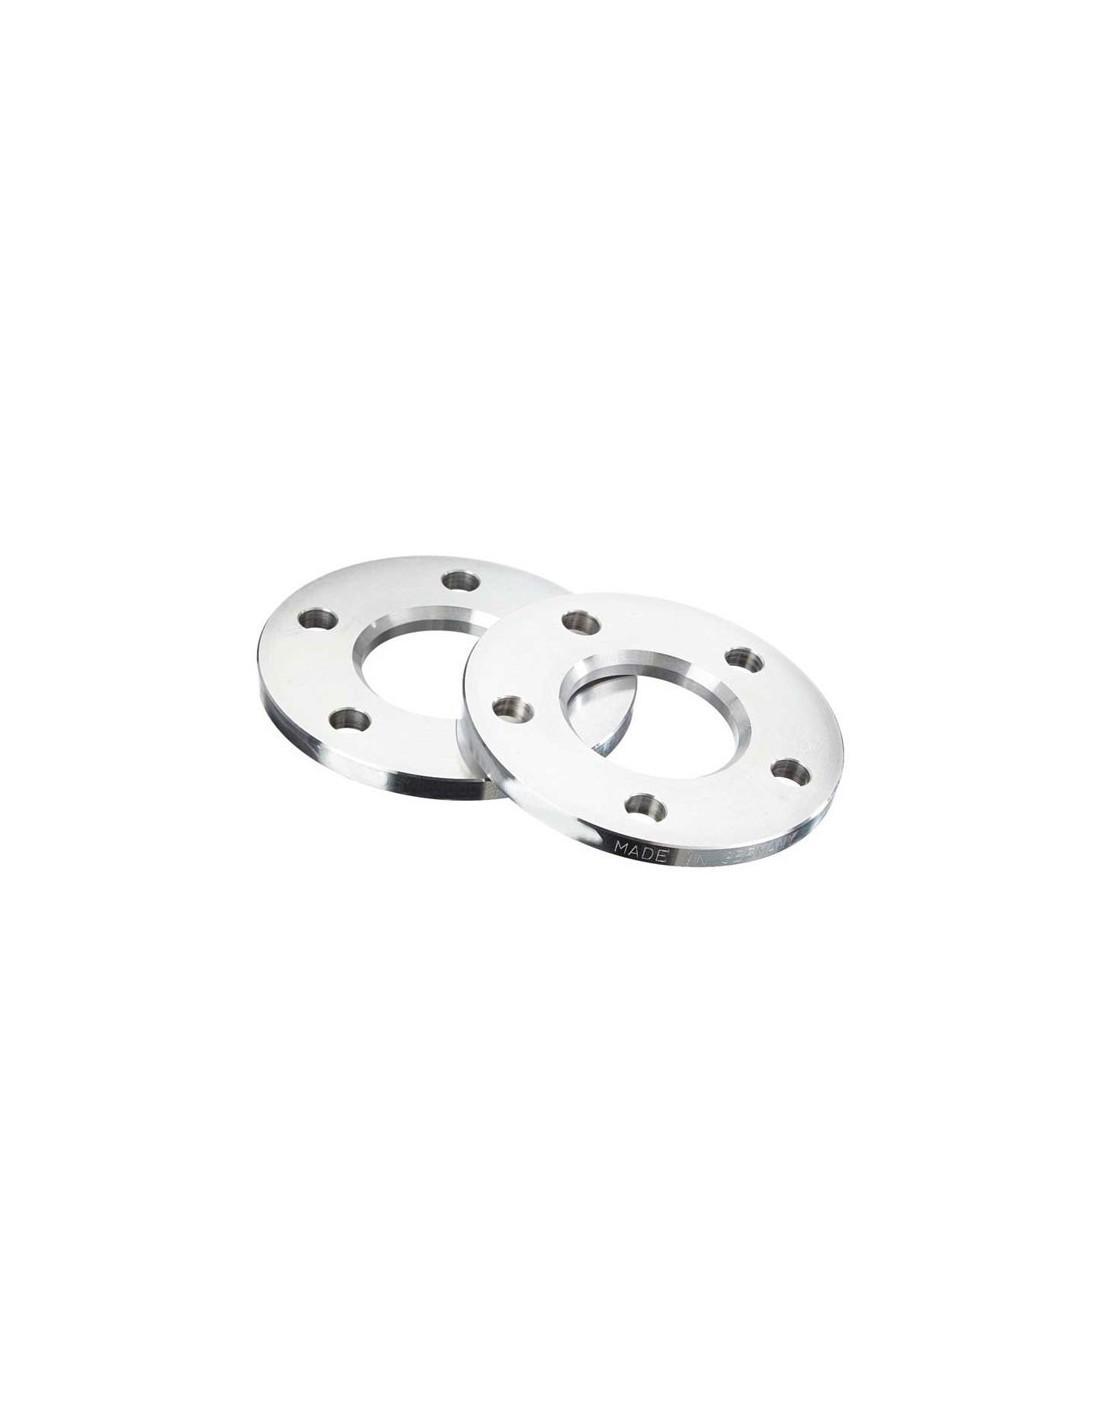 Kit de separadores de rueda simples para BMW 5X120 74.1 5MM